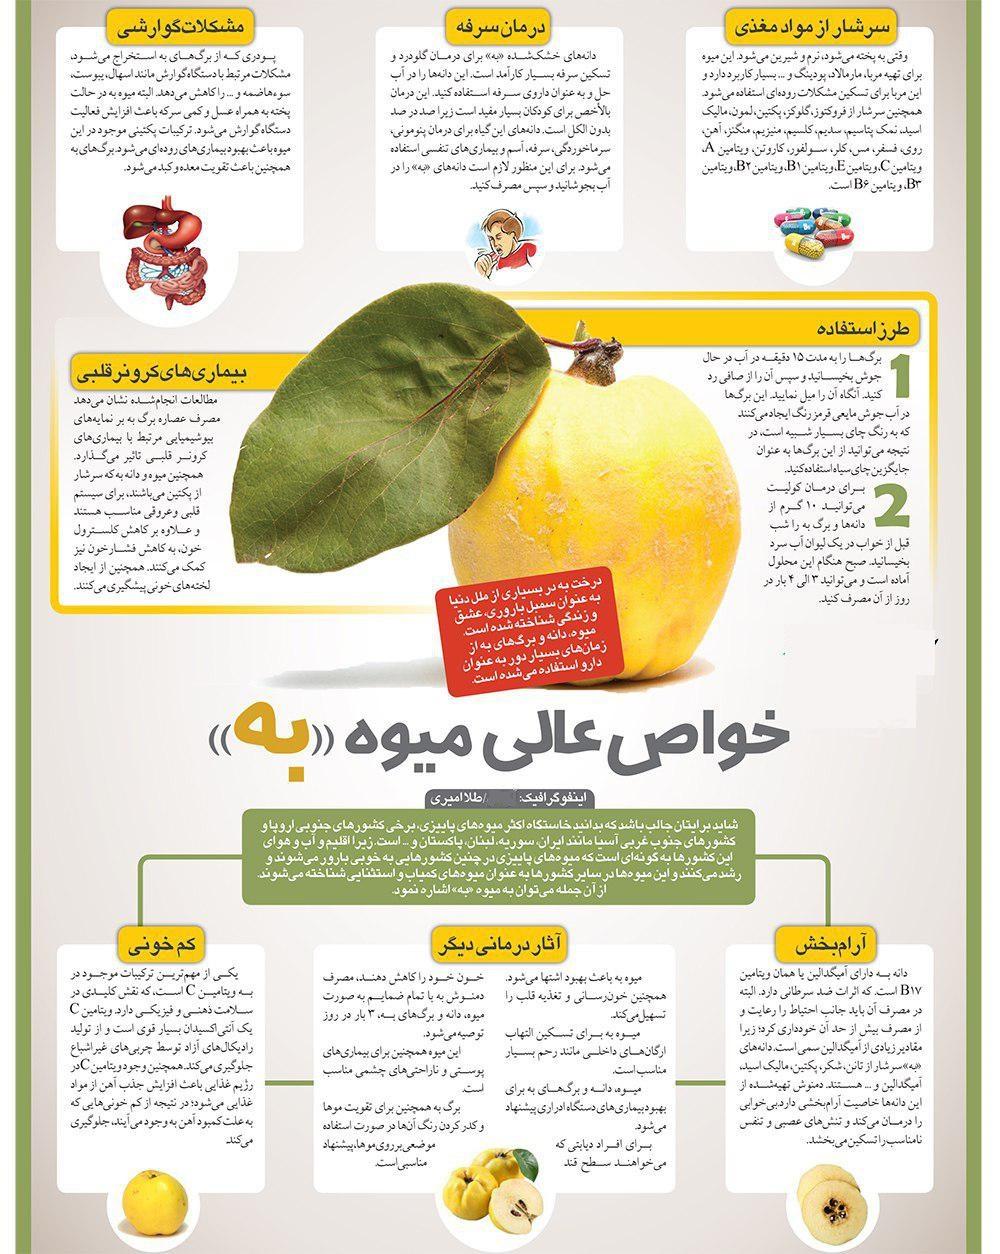 معجزه یک میوه پاییزی در درمان سرفه و کم خونی + اینفوگرافی